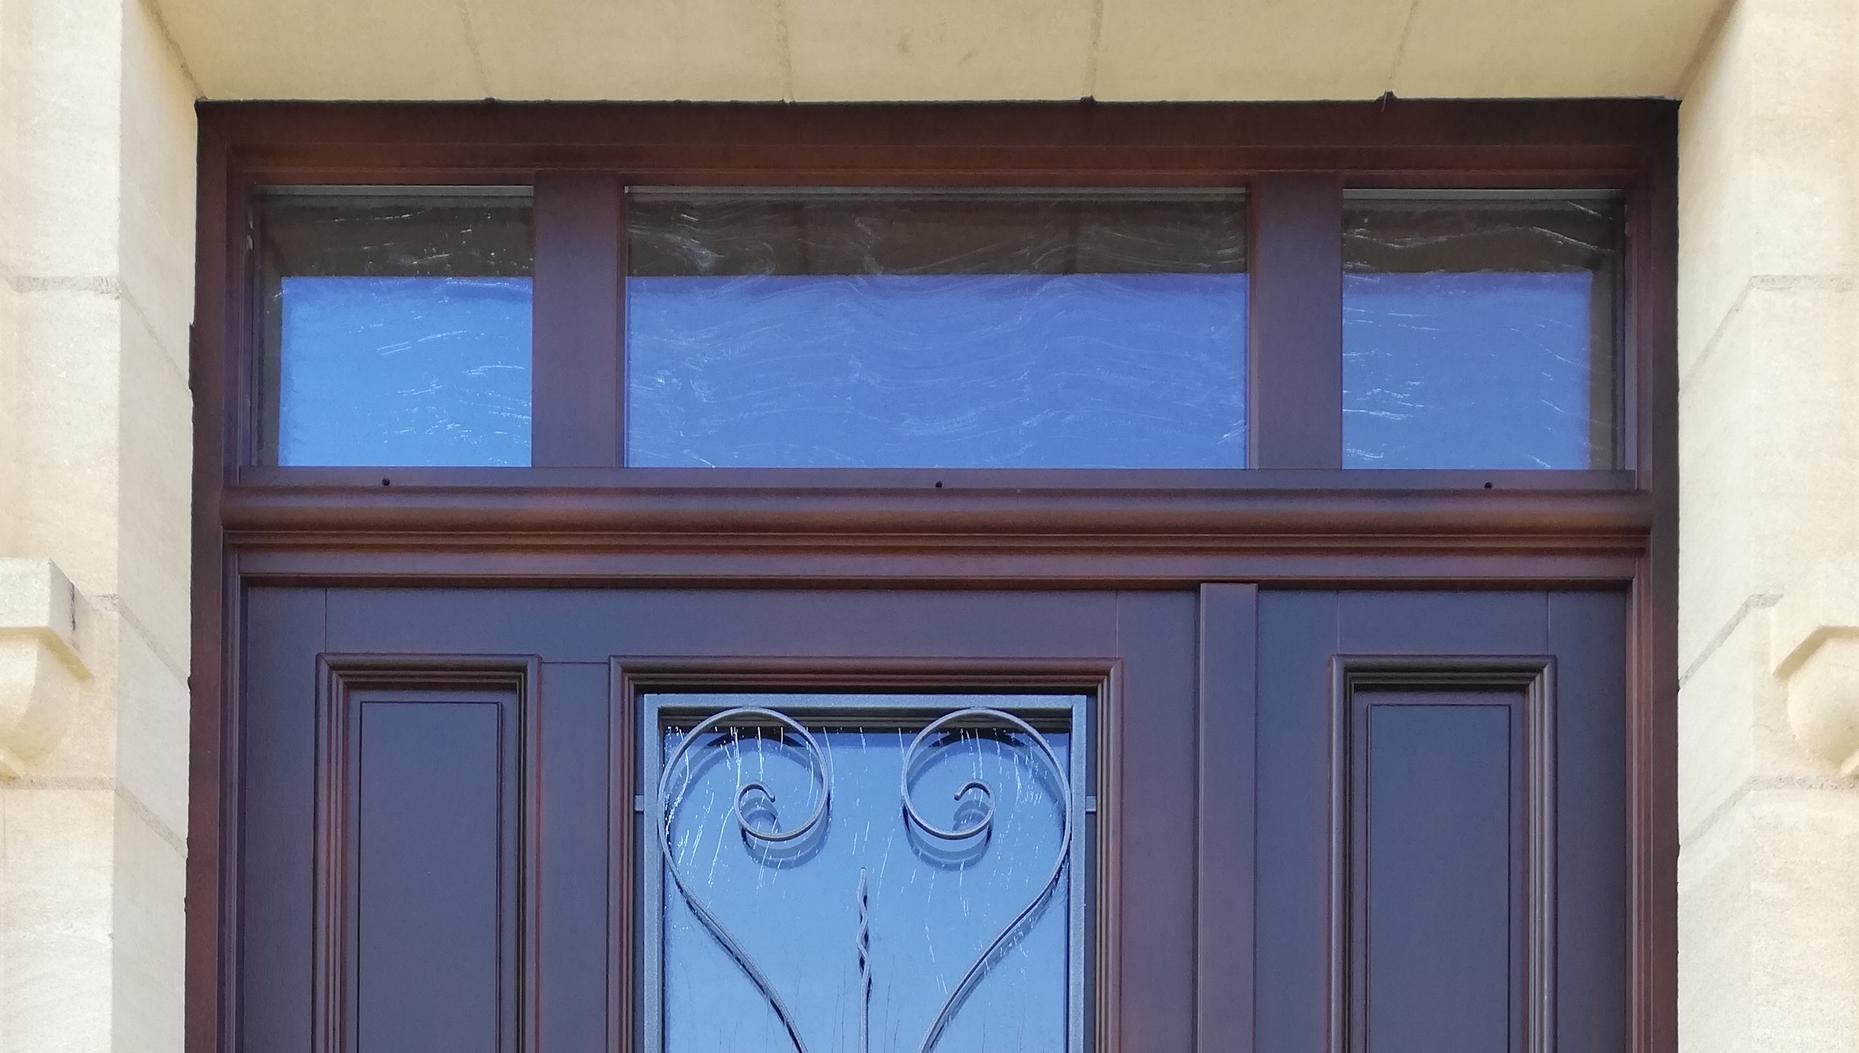 Porte d'entrée spéciale en bois exotique, lasure foncée